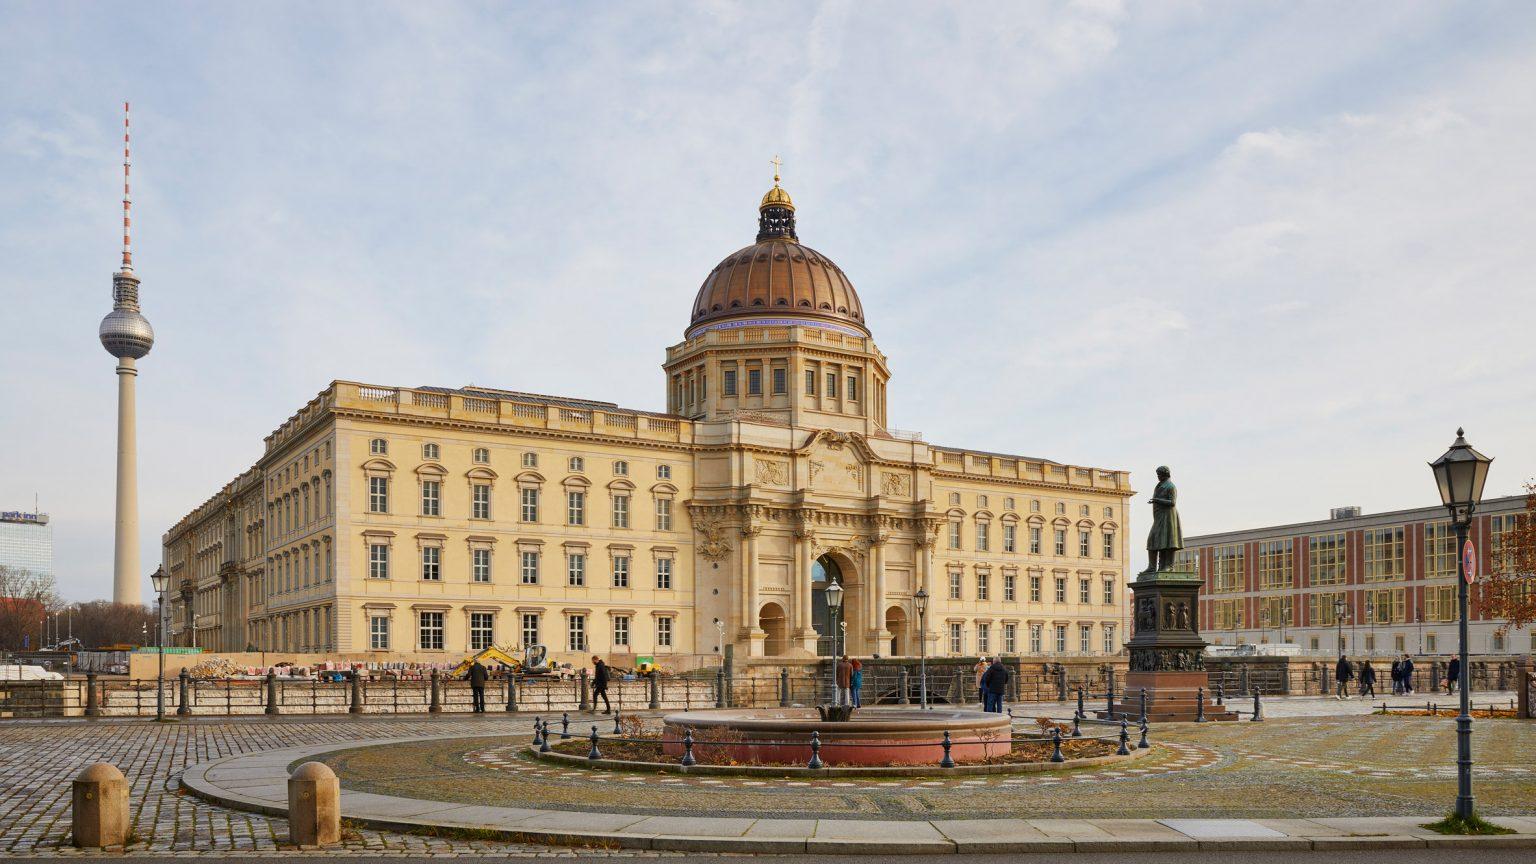 Форум Гумбольдта. Восстановленный исторический фасад